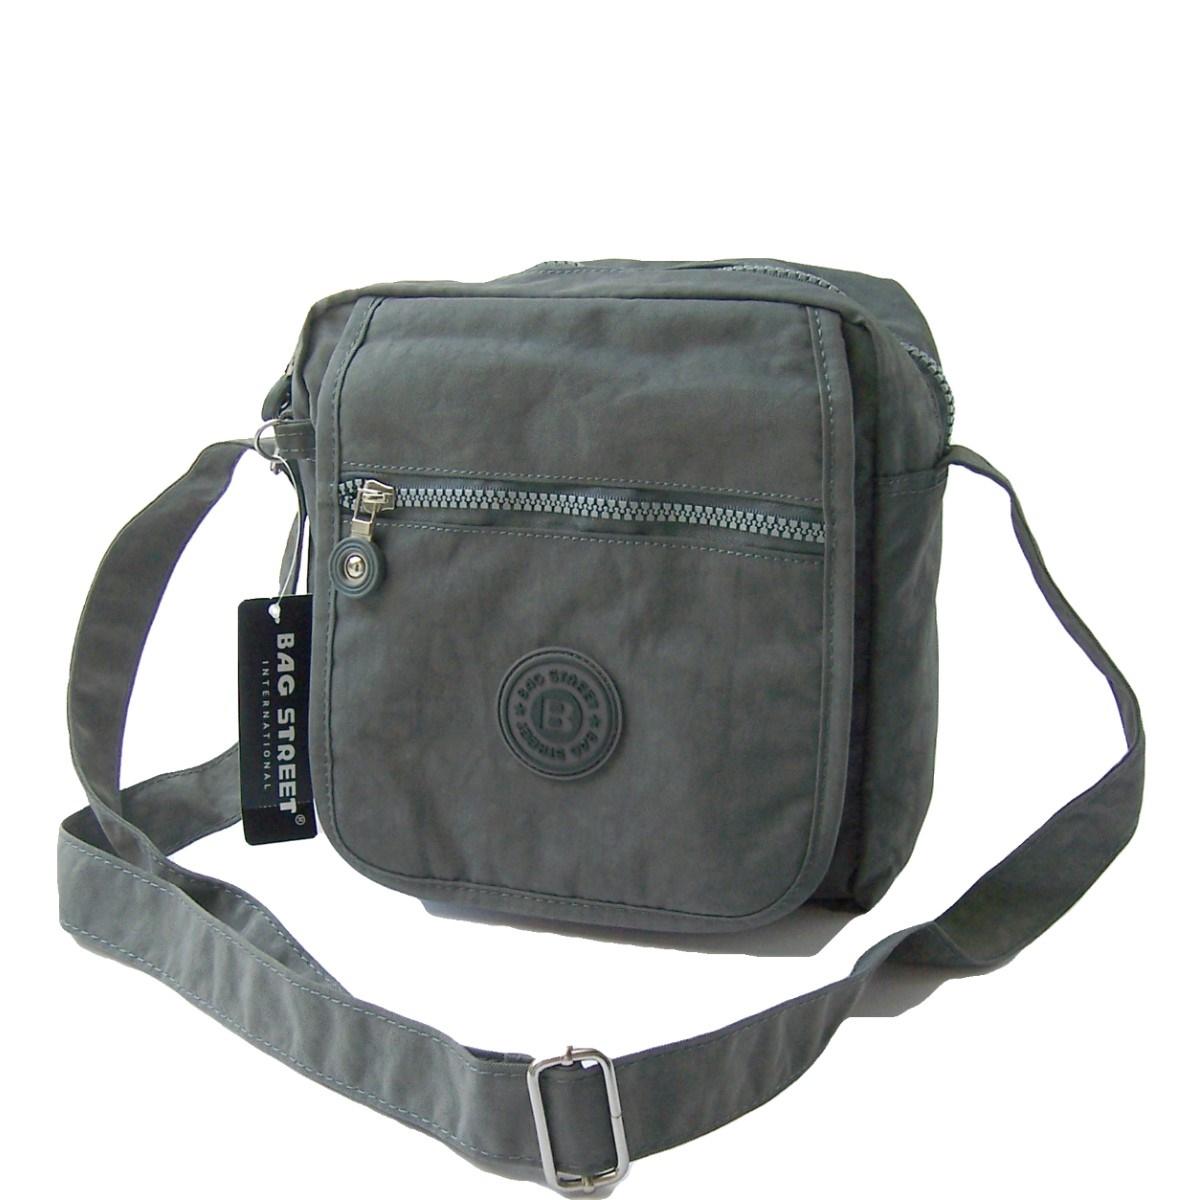 Tasche Umhängetasche Handtasche Bag Street Nylon Grau Ta5207